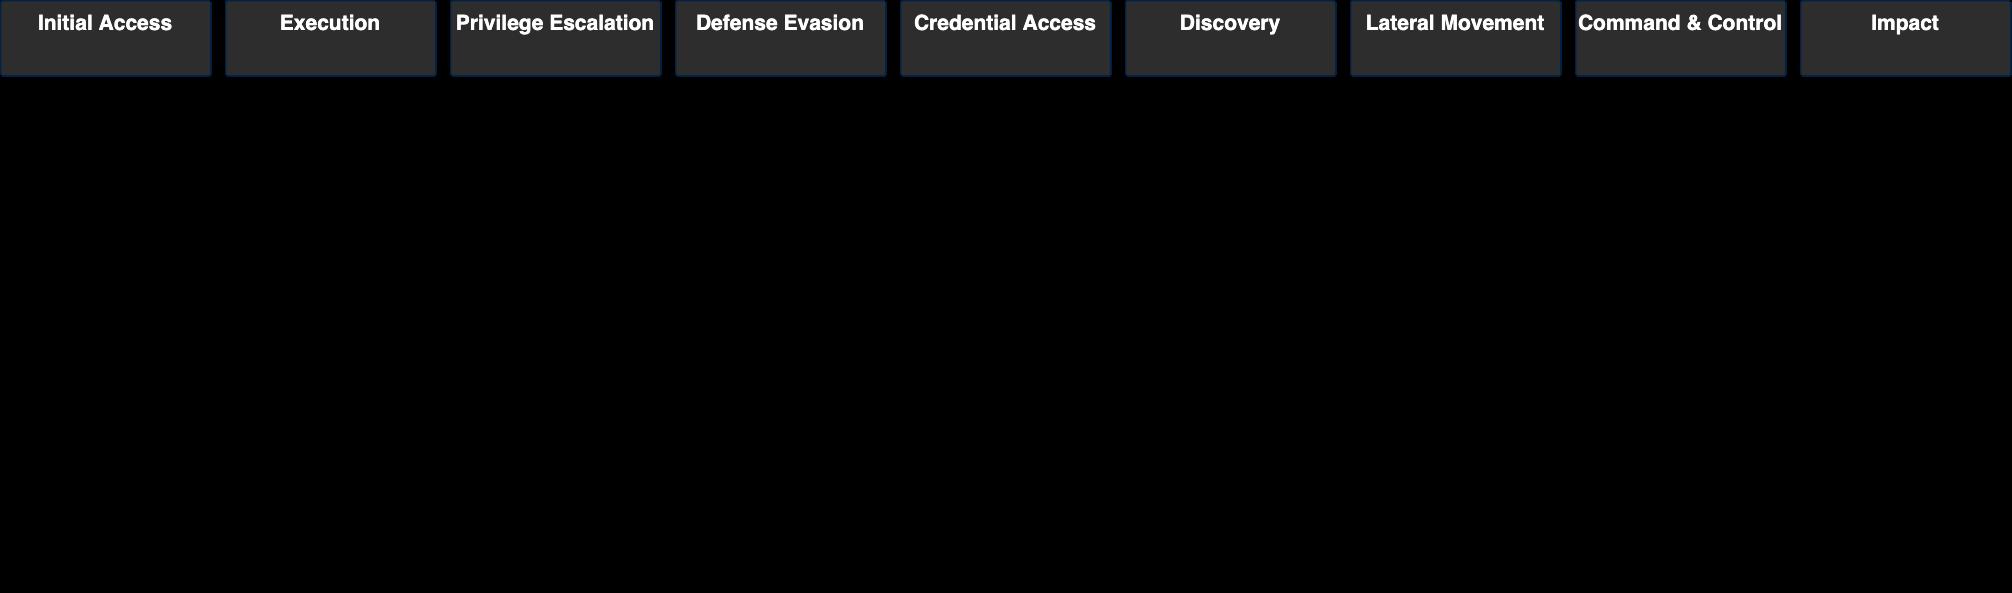 これは、初期アクセス、実行、特権昇格、防御回避、資格情報アクセス、発見、横展開、コマンド&コントロール、影響などのMITRE ATT&CK戦術にマッピングされたHildegardマルウェアキャンペーンのTTP(戦術、技術、および手順)の詳細です。